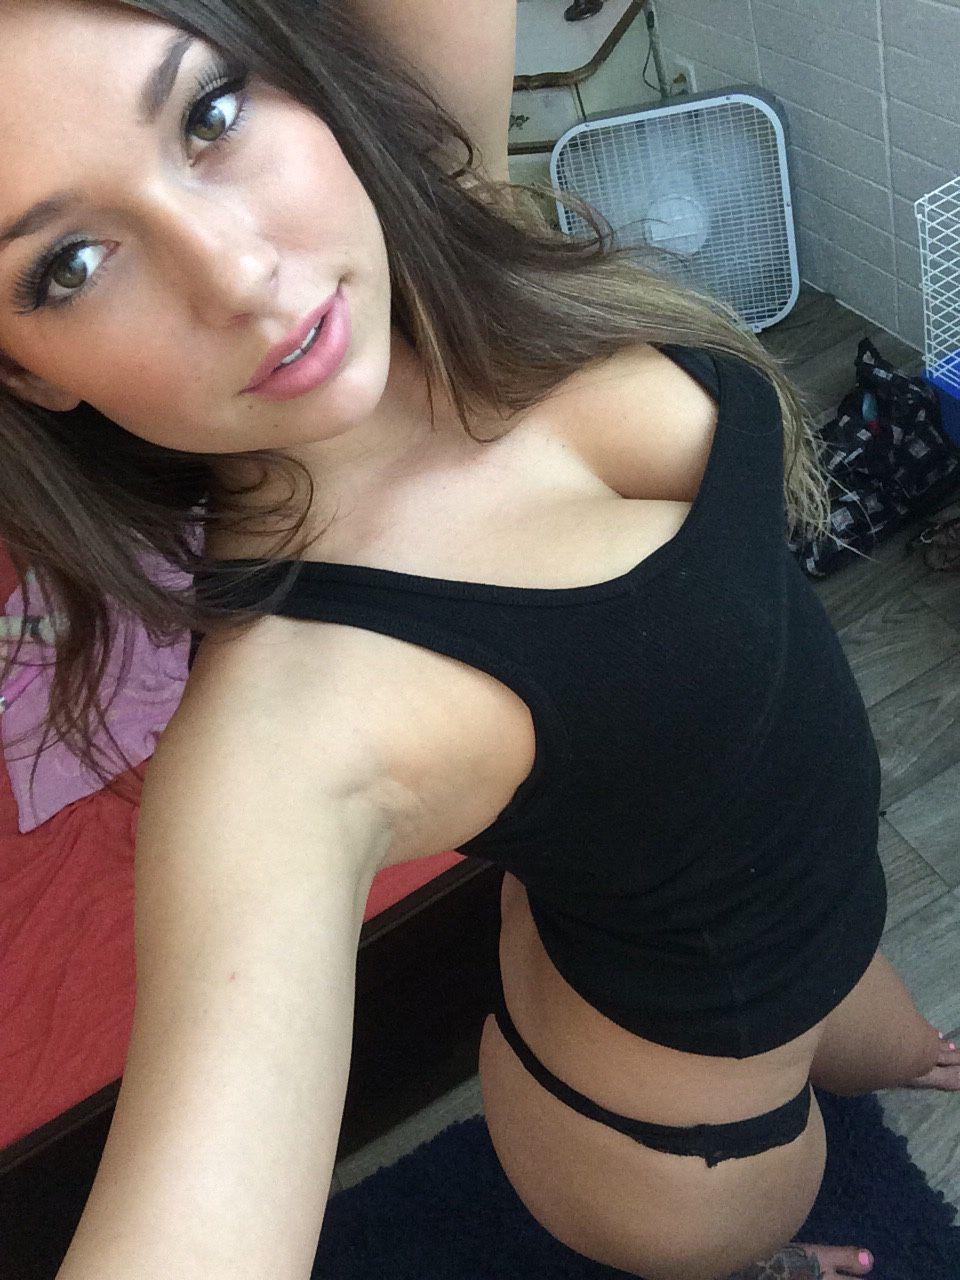 Cam show girl